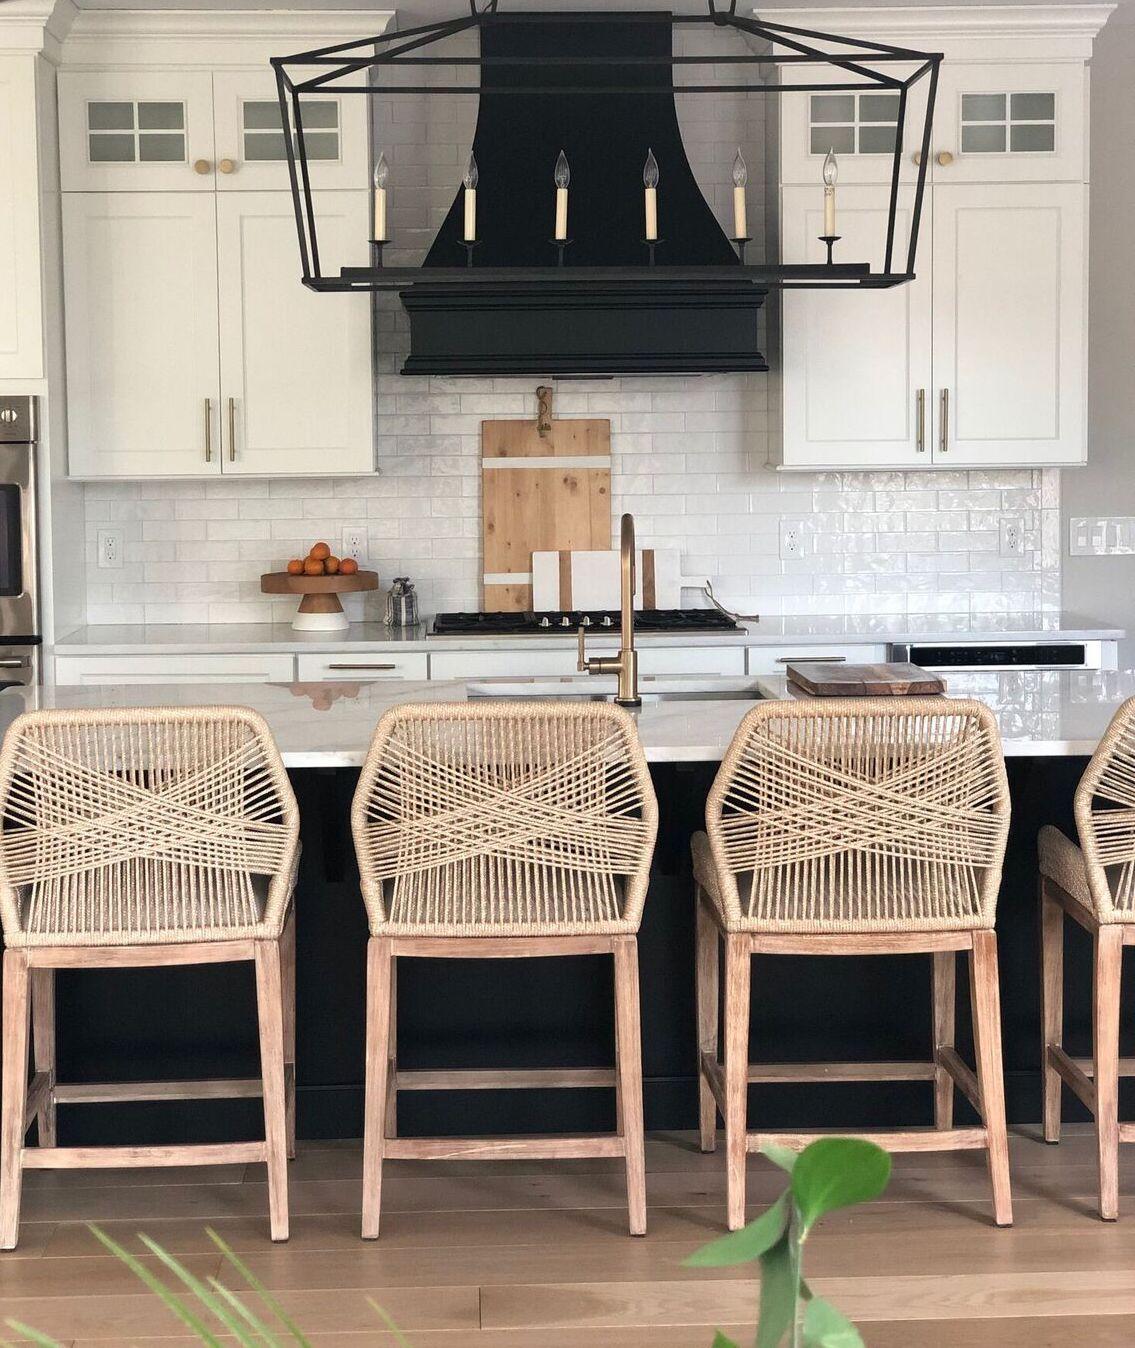 stephanie-kraus-designs-mainline-pa-kitchen-chairs-lantern-light.jpg